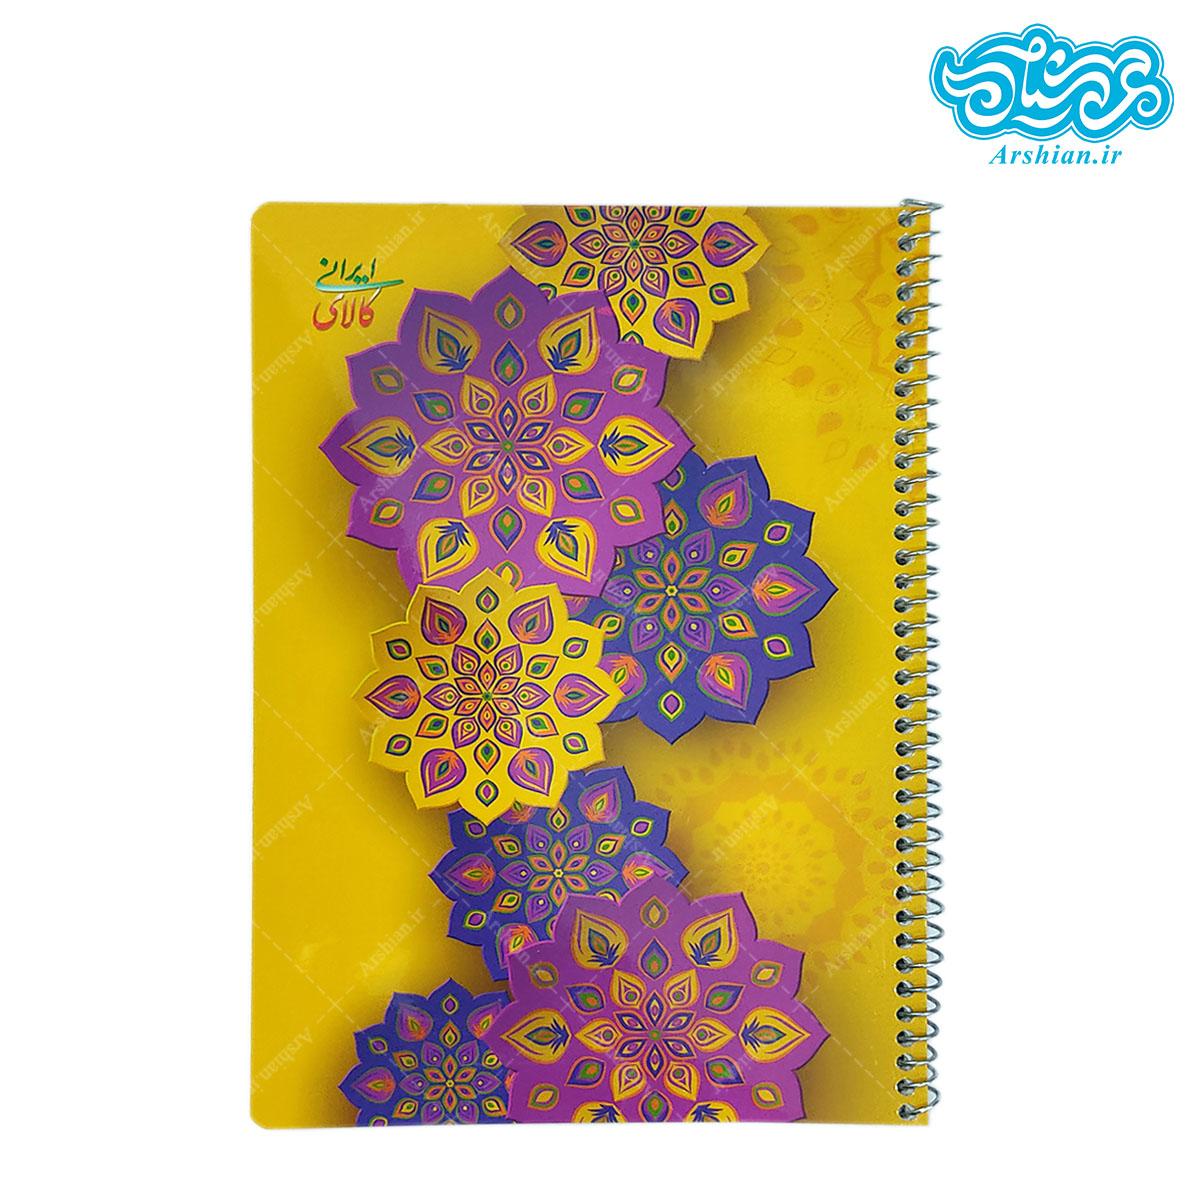 دفتر 50 برگ طرح گل های فانتزی کد041